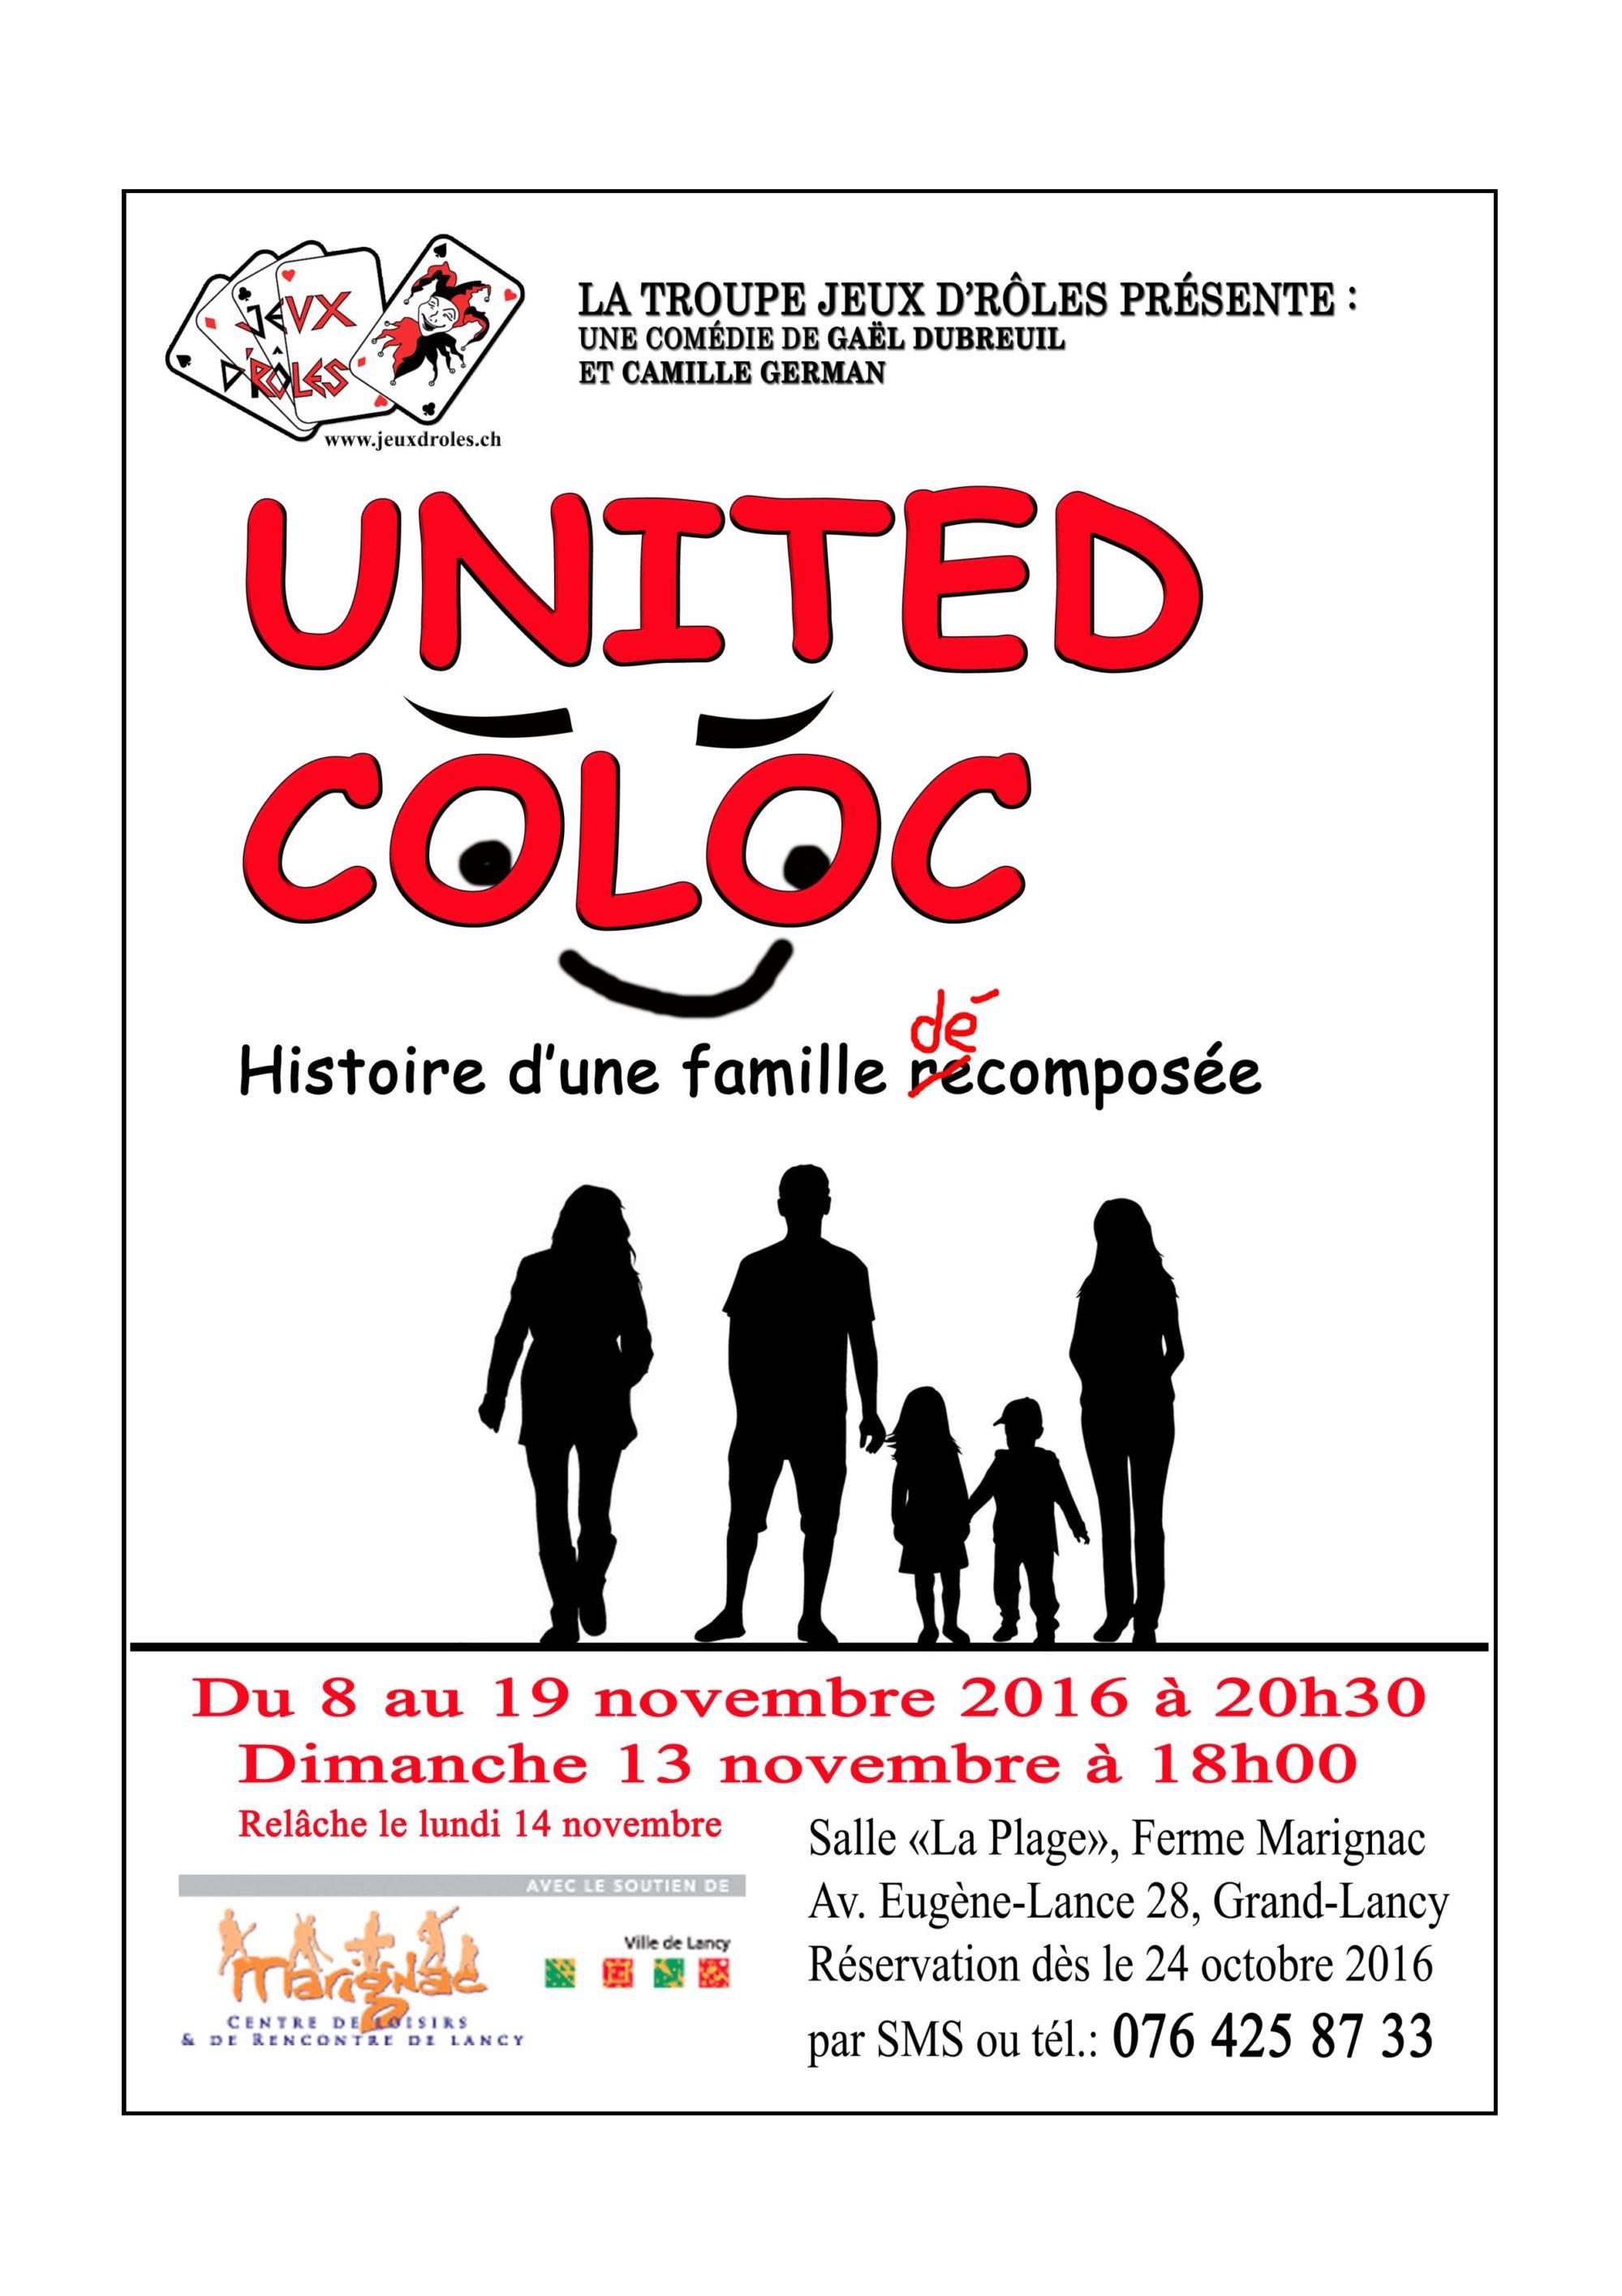 united-coloc-jeux-d-role-suisse